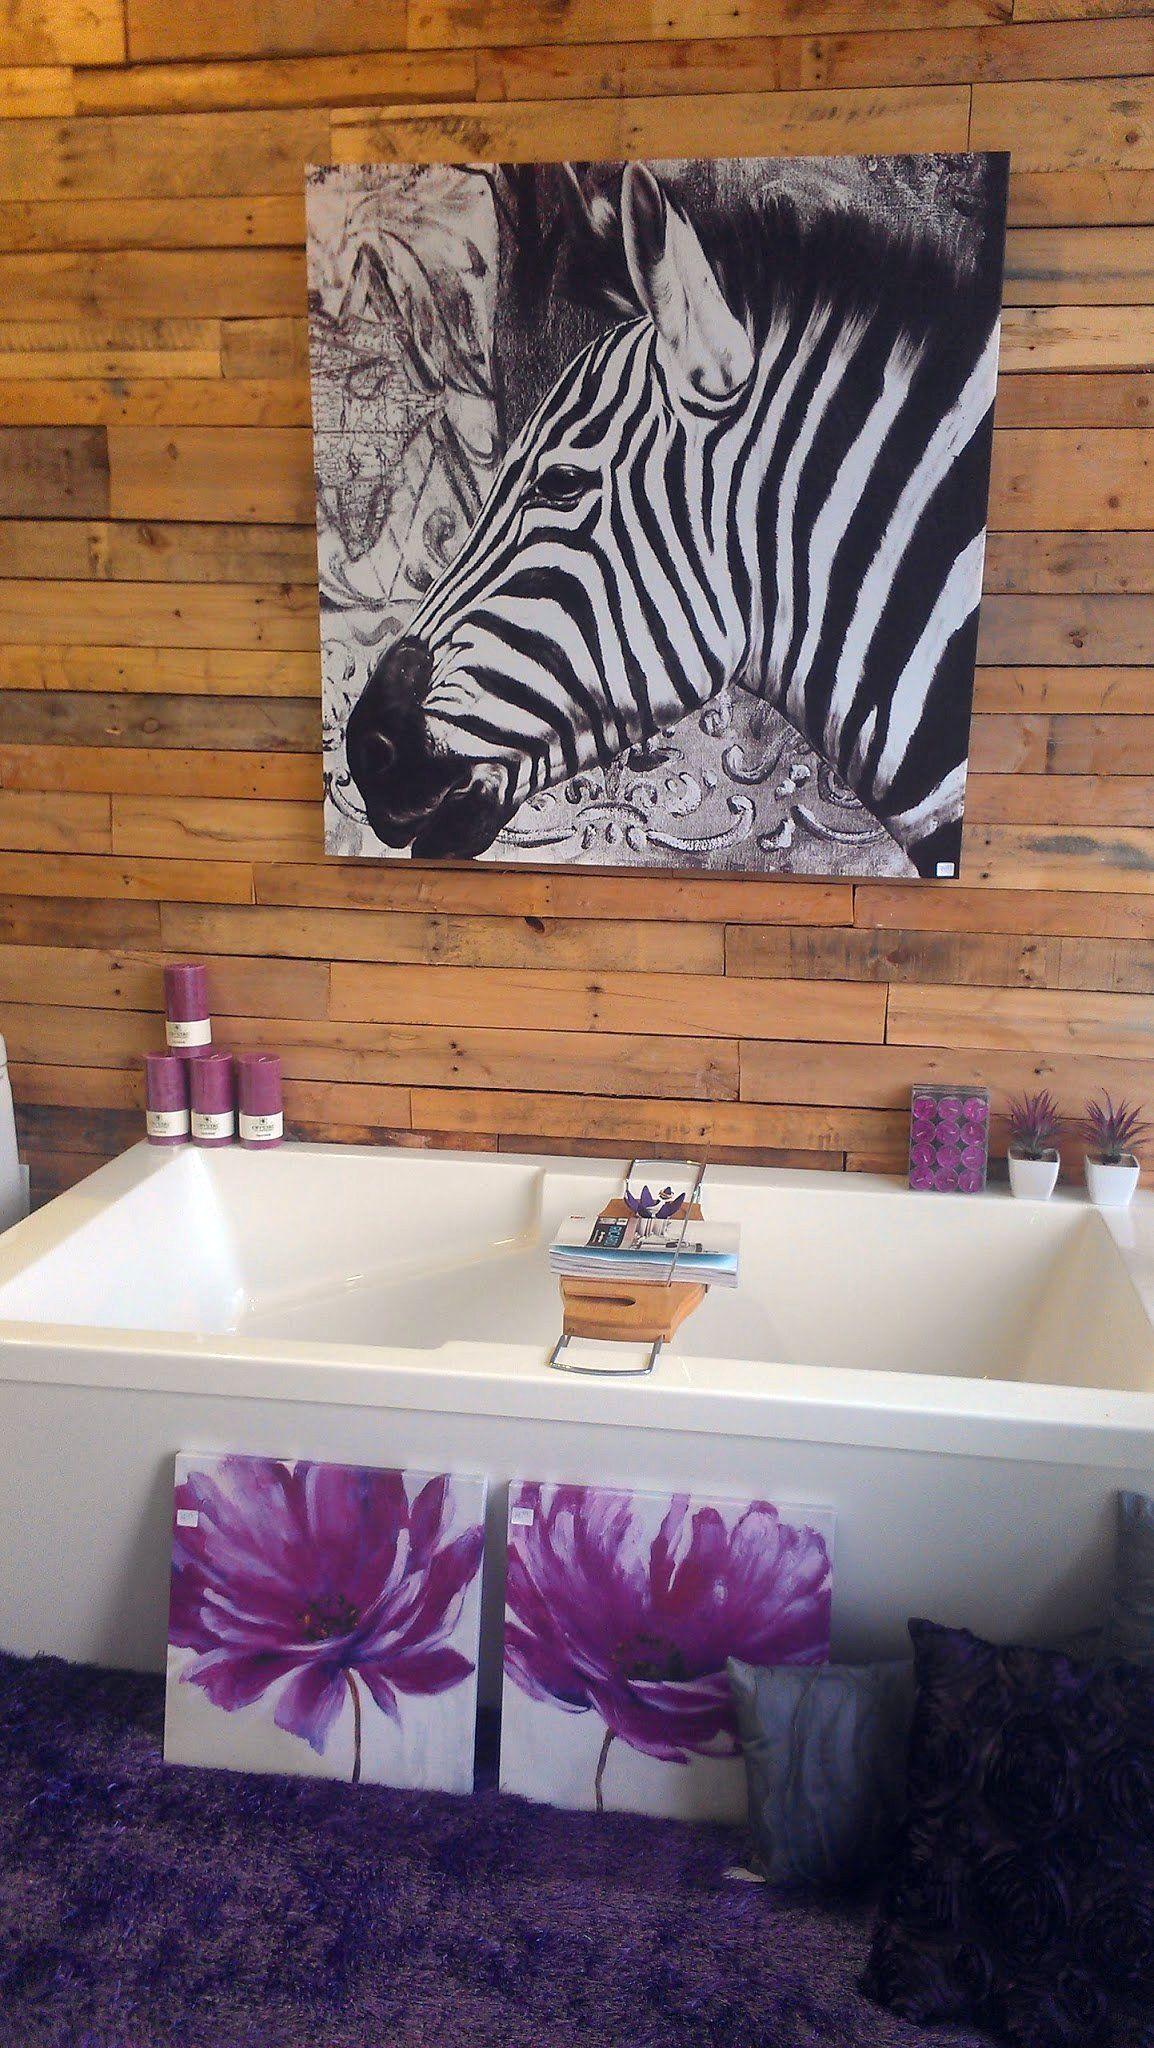 mauve et noir effet chic salle de bain violet pinterest mauve chic et salle de bain mauve. Black Bedroom Furniture Sets. Home Design Ideas